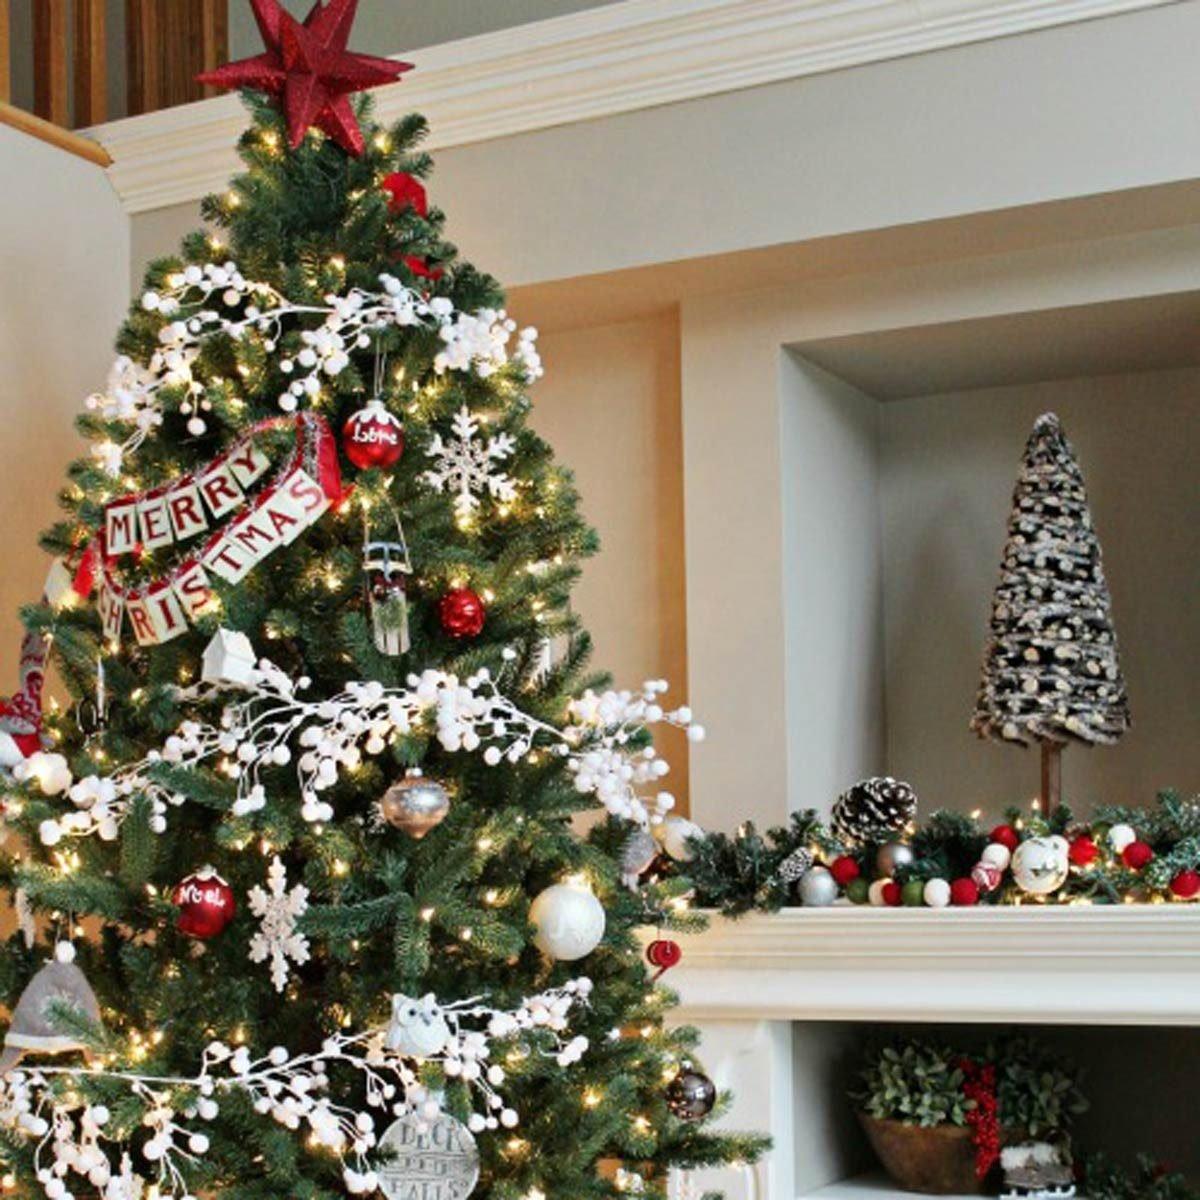 χριστουγεννιάτικο δέντρο με στολισμό